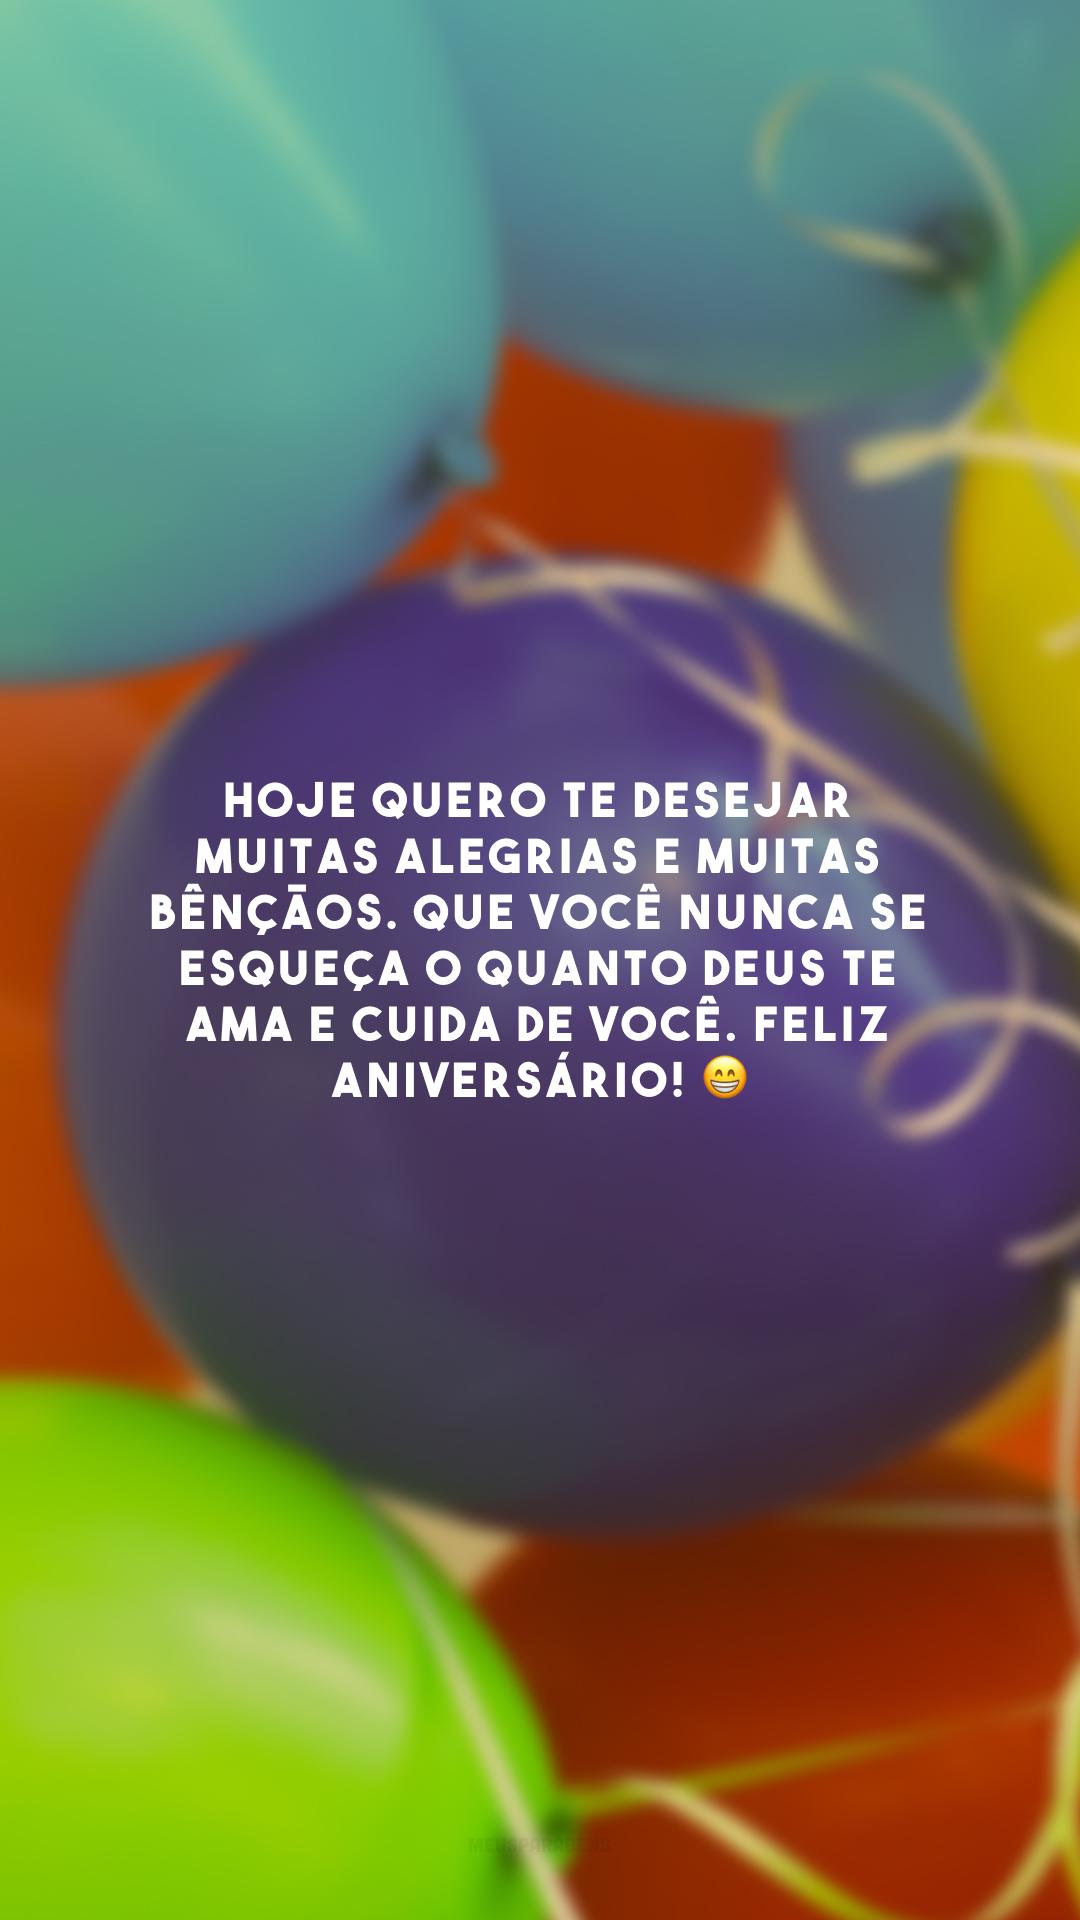 Hoje quero te desejar muitas alegrias e muitas bênçãos. Que você nunca se esqueça o quanto Deus te ama e cuida de você. Feliz aniversário! 😁